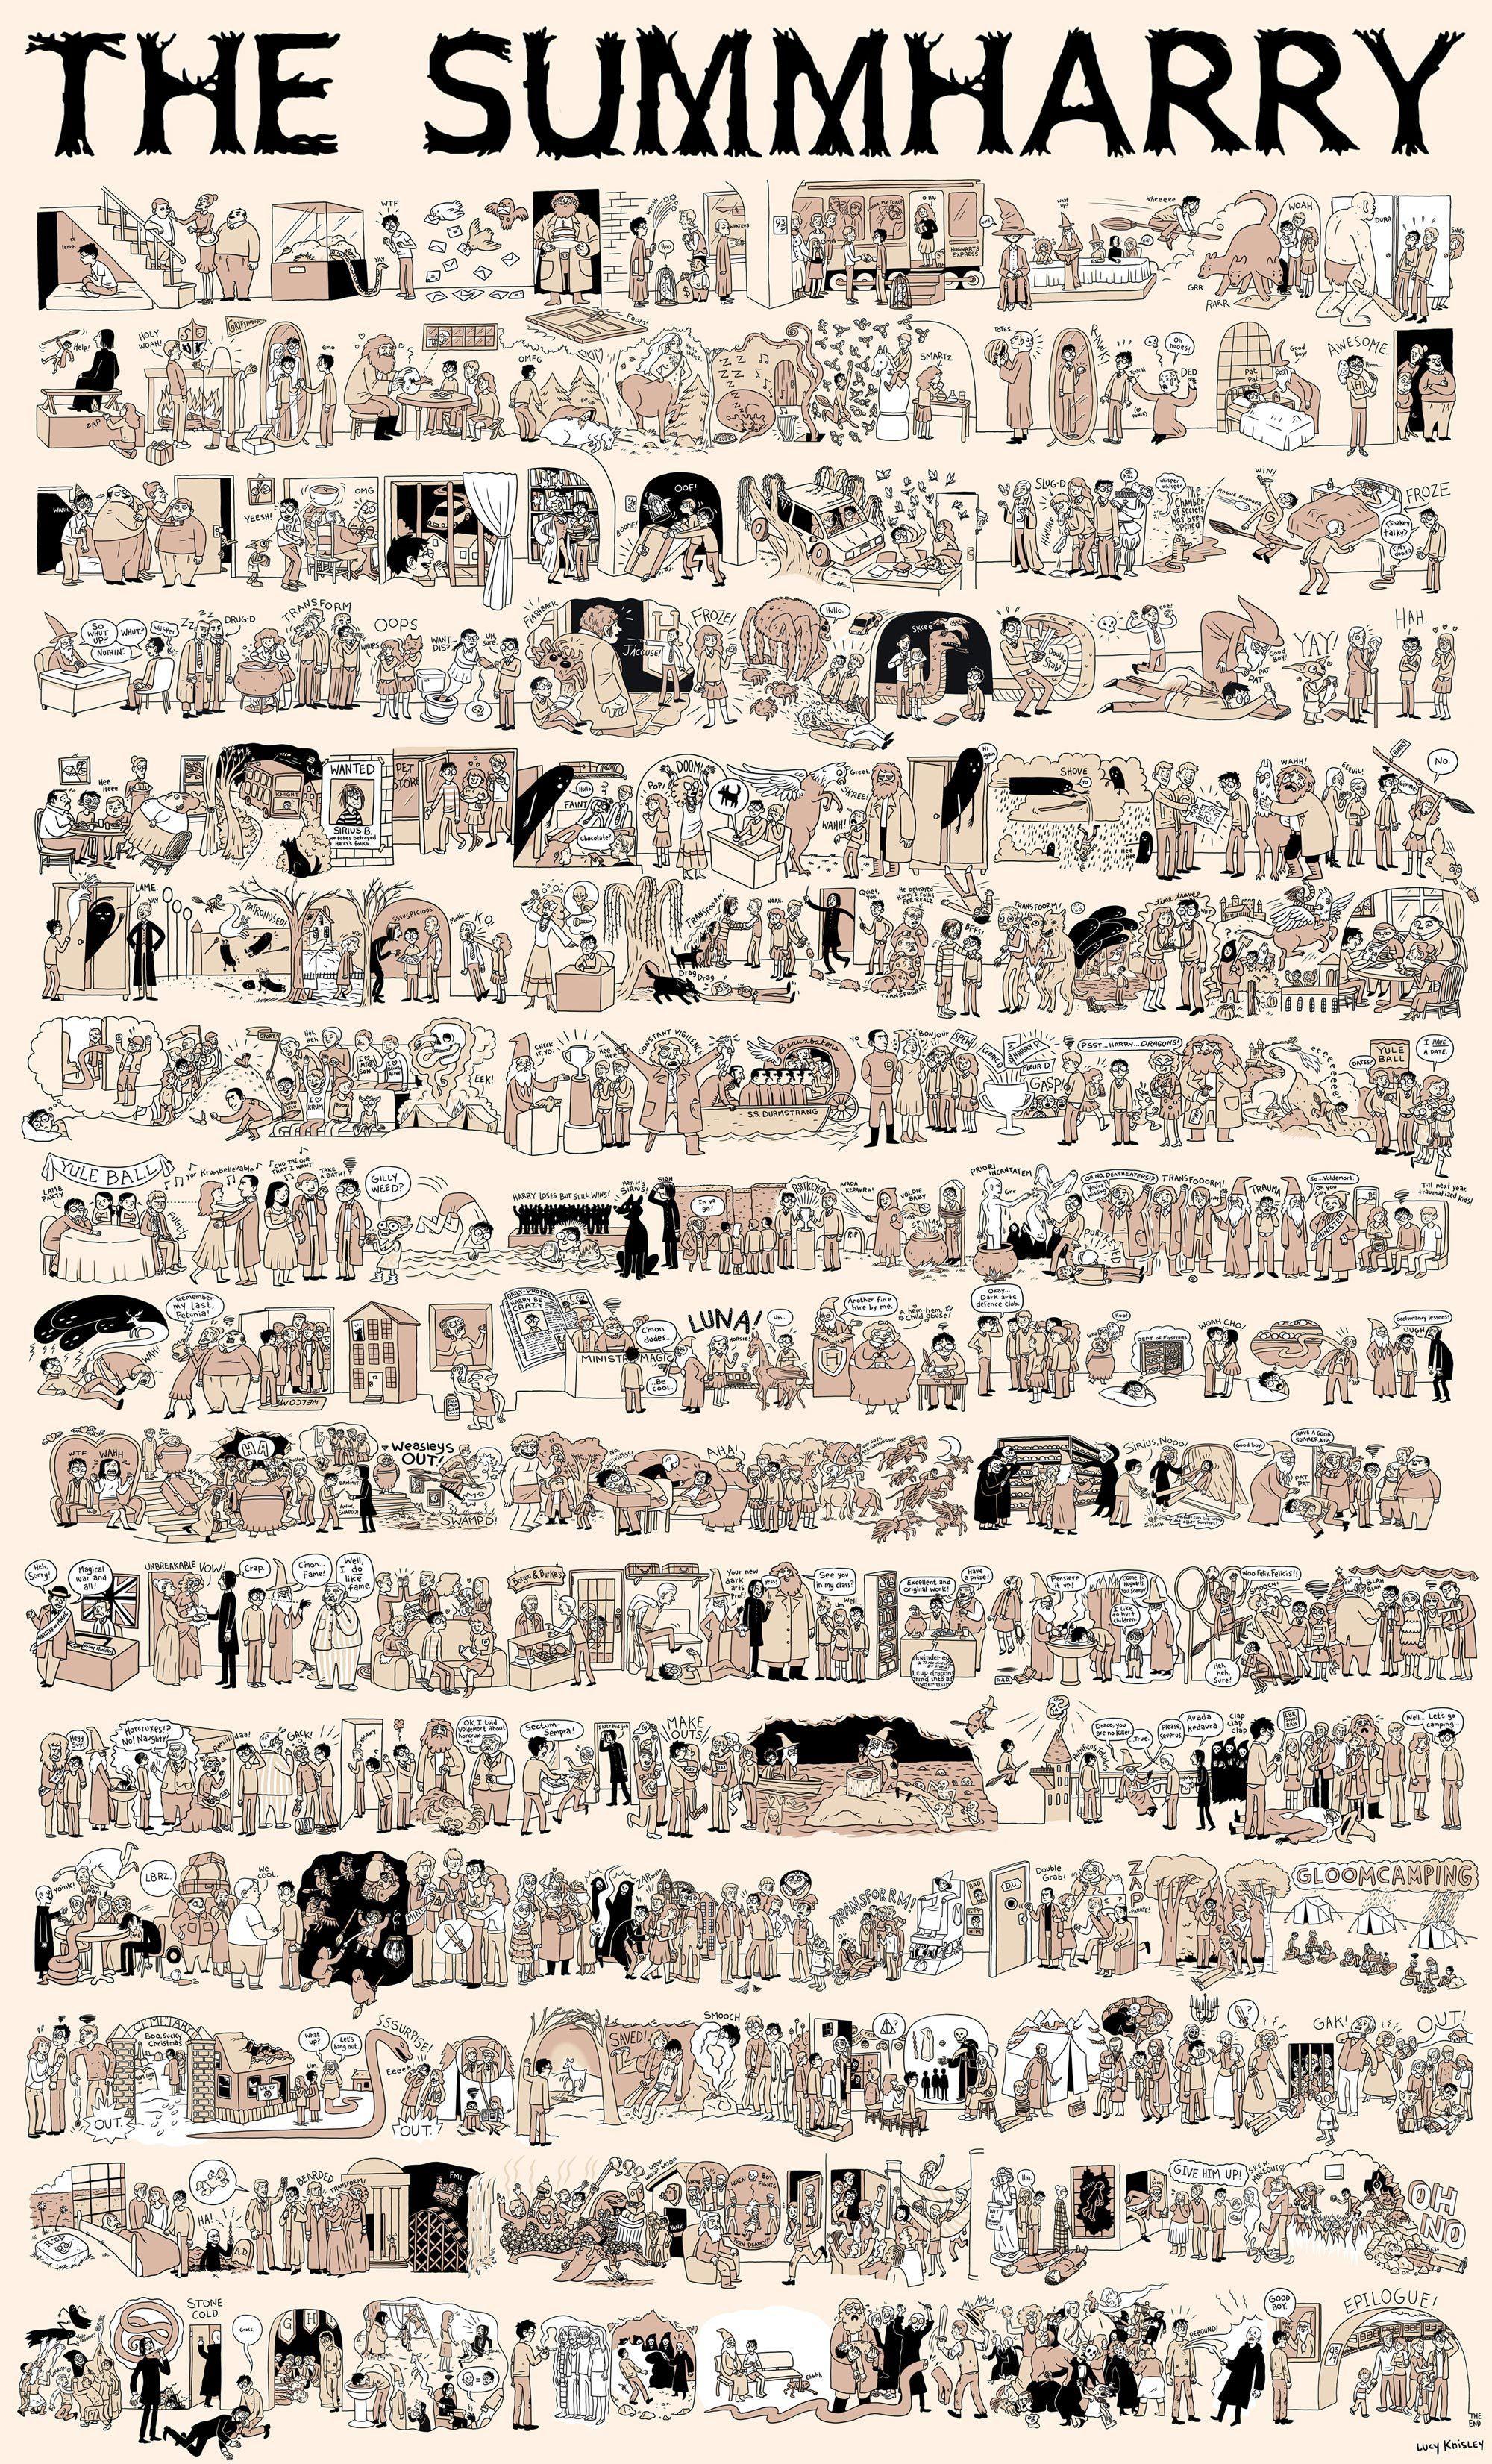 [comecogg] http://potterish.com/wp-content/2014/09/Sumharry.jpg [meio] Lucy Knisley é uma ilustradora, quadrinista e autora norte-americana que resumiu toda a história de Harry Potter em uma grande história em quadrinhos chamada The SUMMAHARRY. Os quadrinhos muito bem desenhados vão desde o armário sob a escada na rua dos Alfeneiros até o Epílogo na estação King's Cross. Para os fãs…